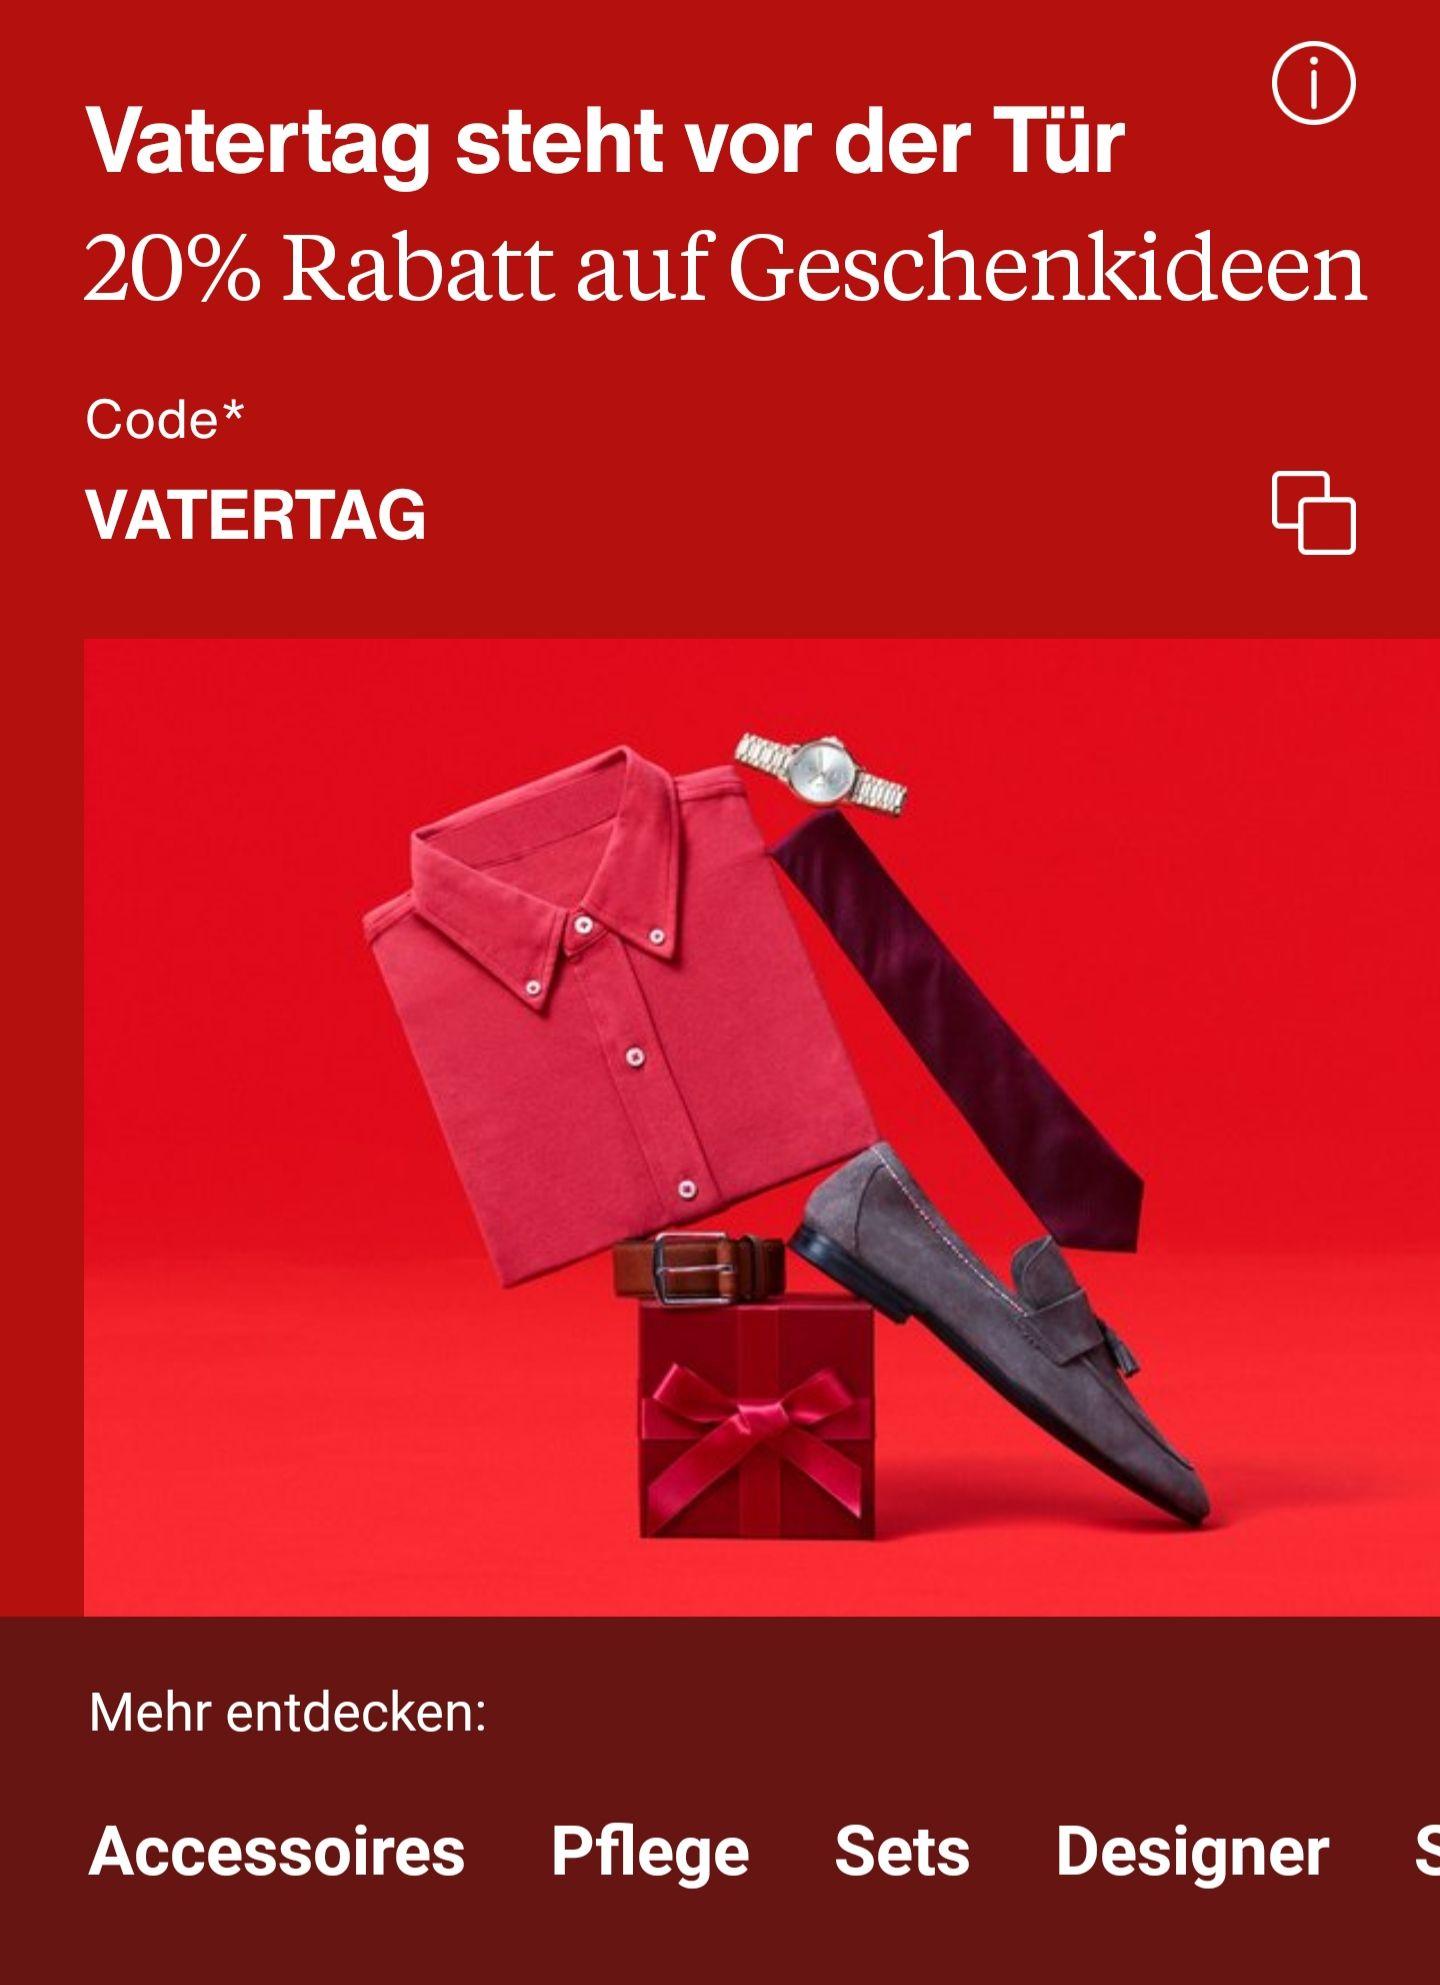 Zalando: 20% Rabatt auf Geschenkideen zum Vatertag